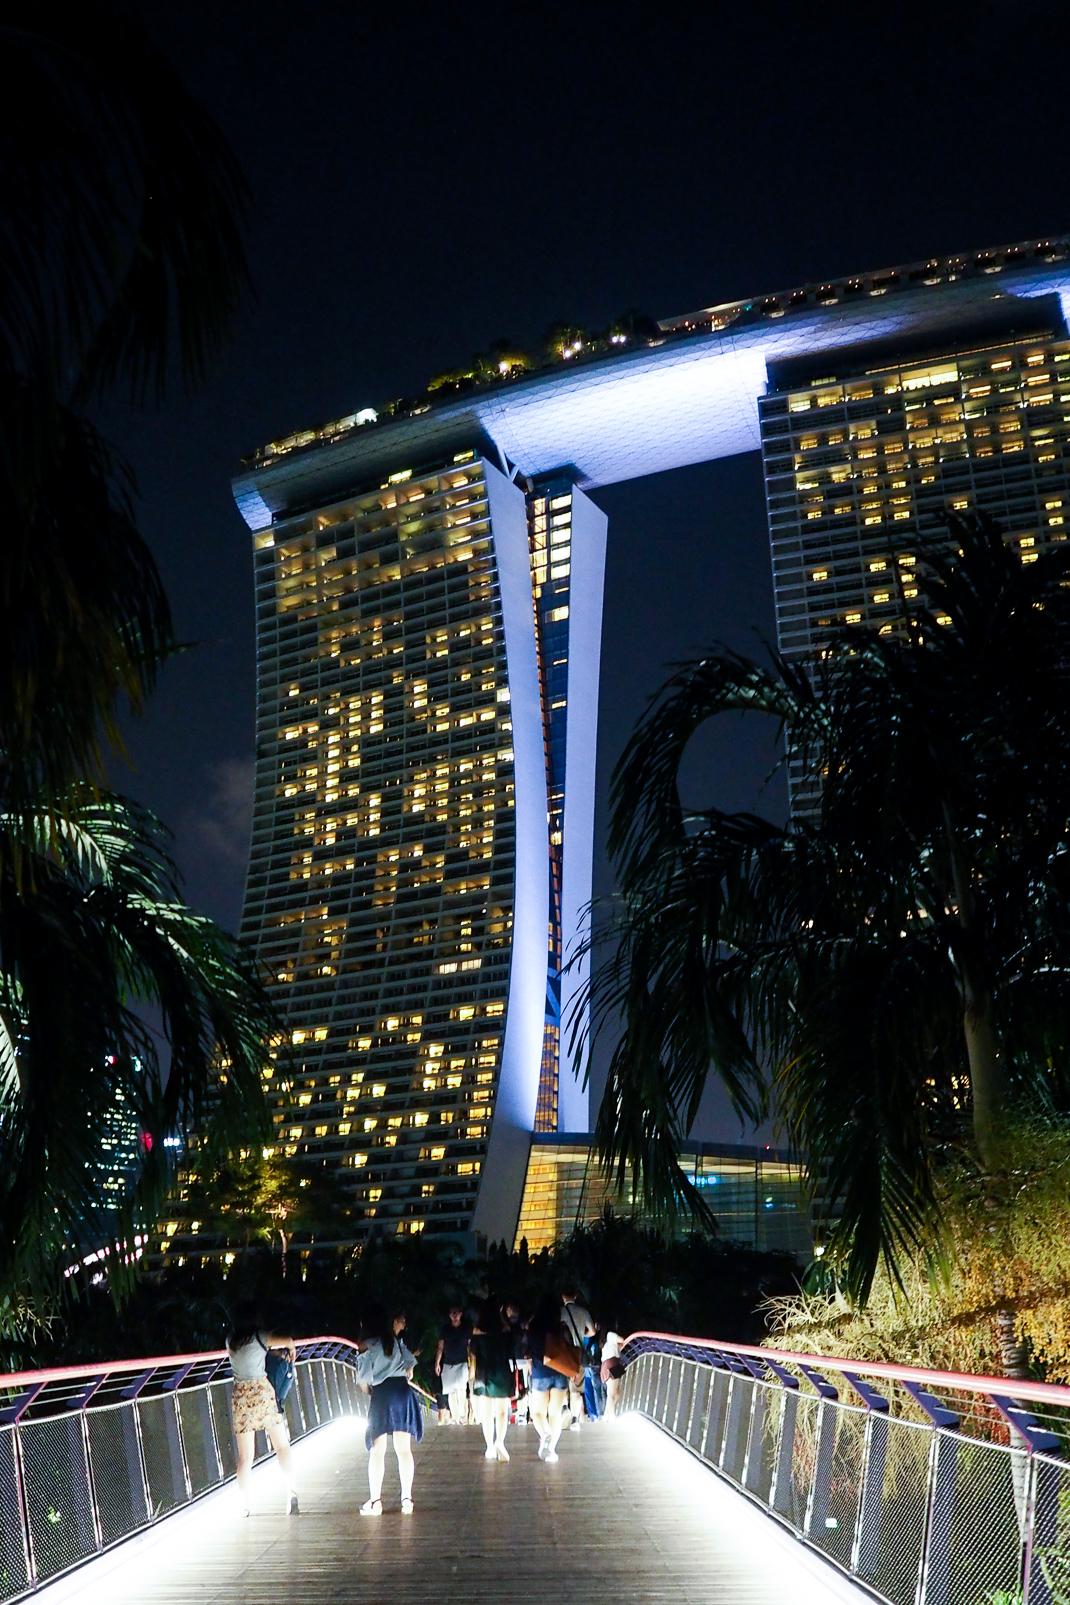 marina bay sands hotel at night